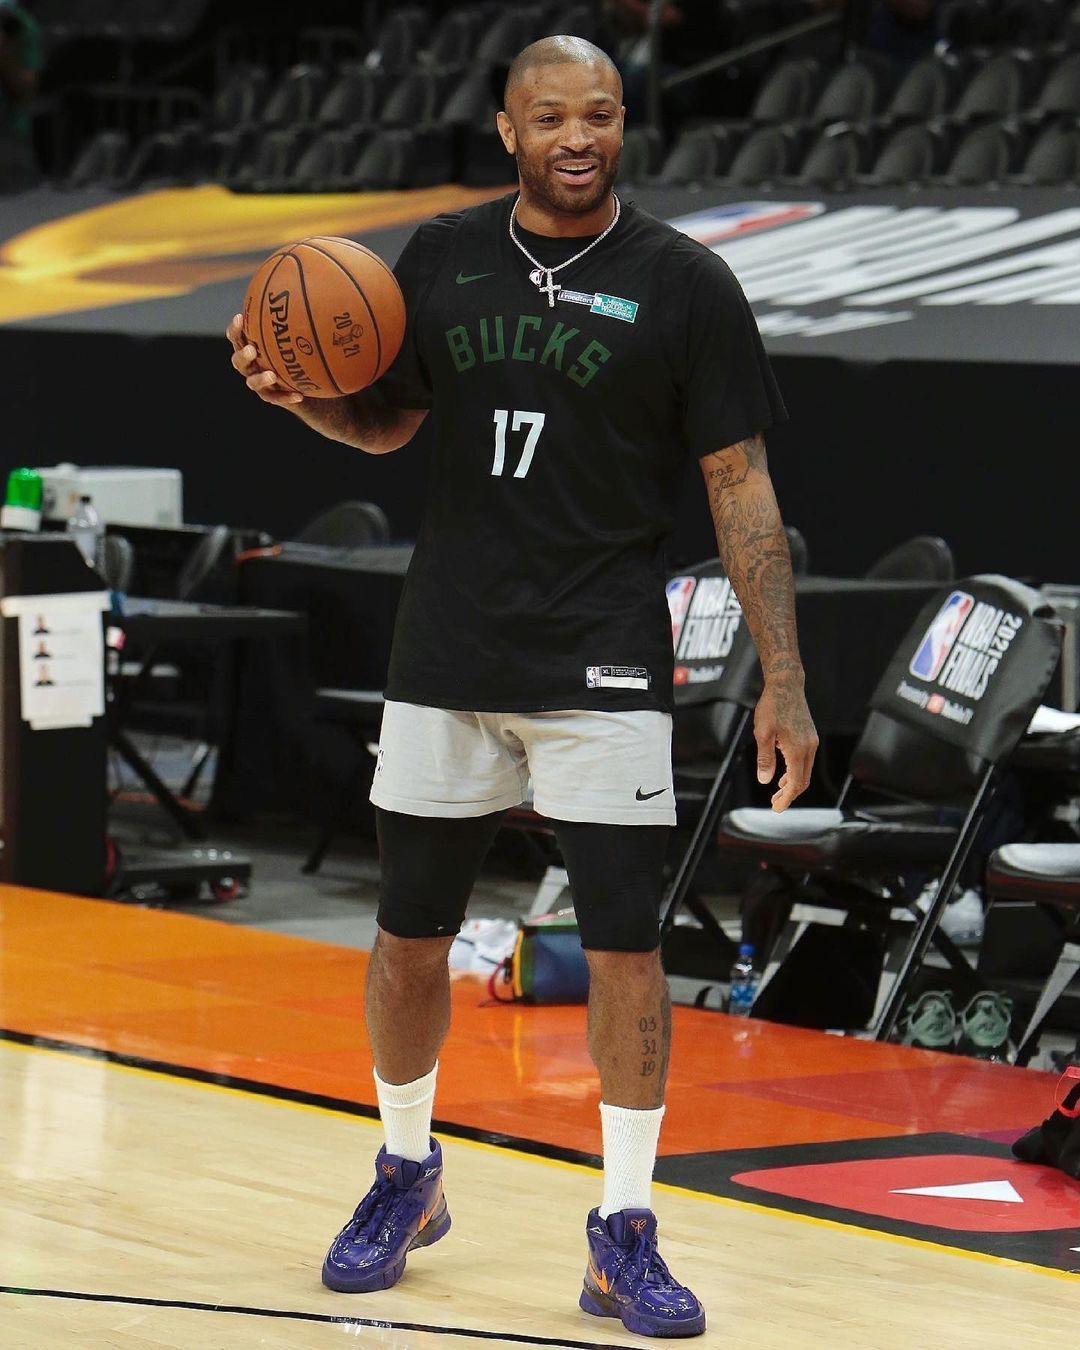 公鹿vs太阳的NBA总决赛即将在明天进行……